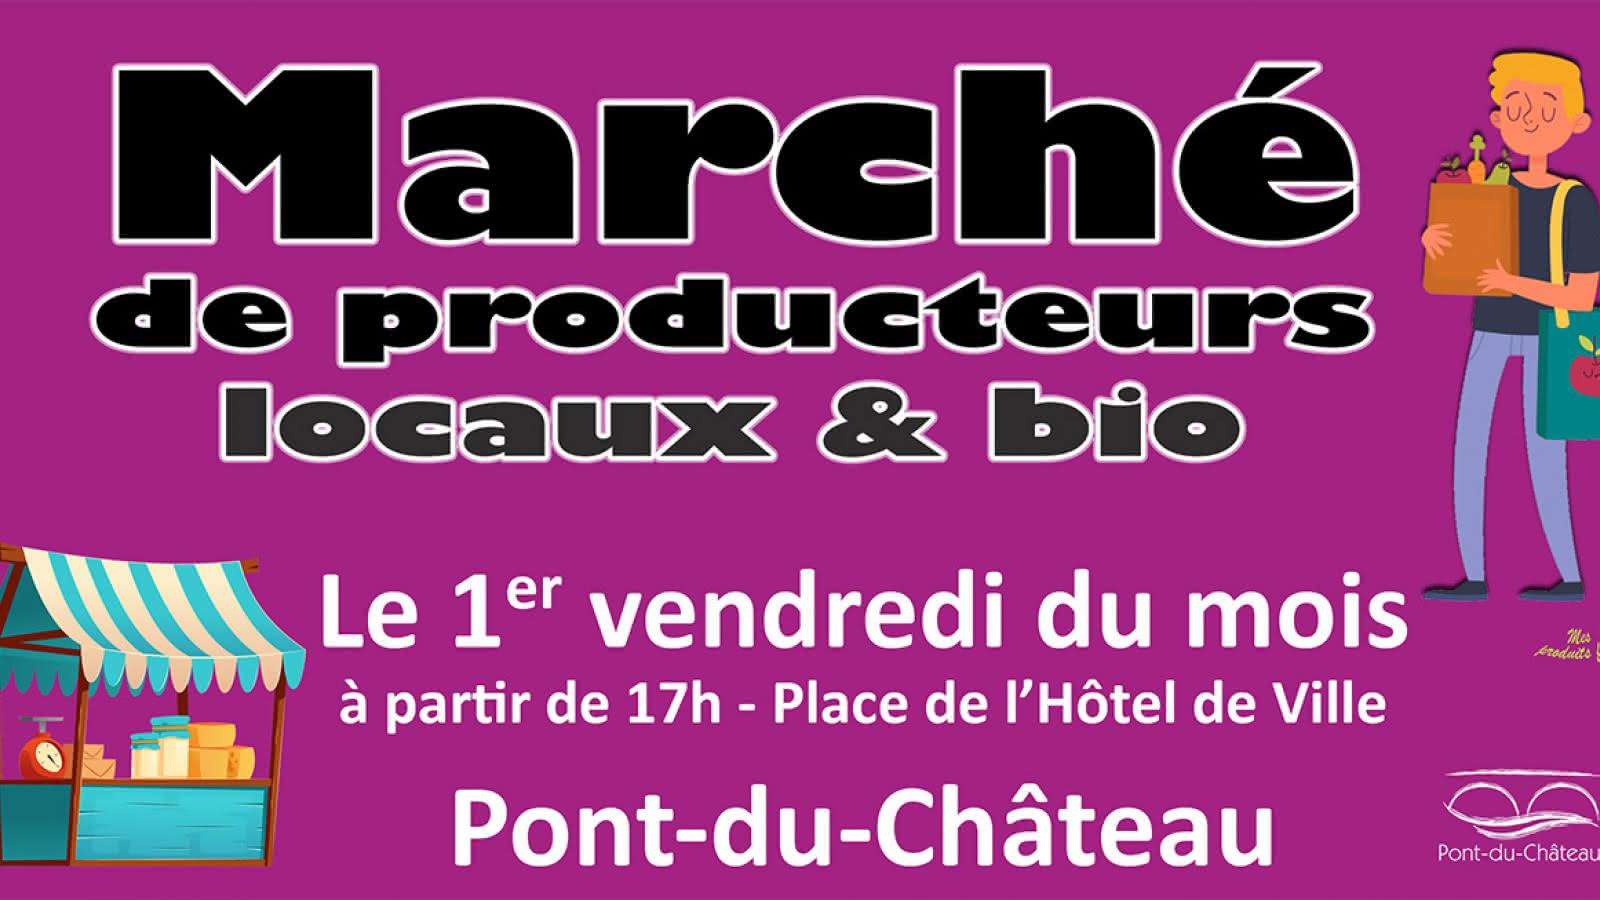 © Marché producteurs locaux pont du château